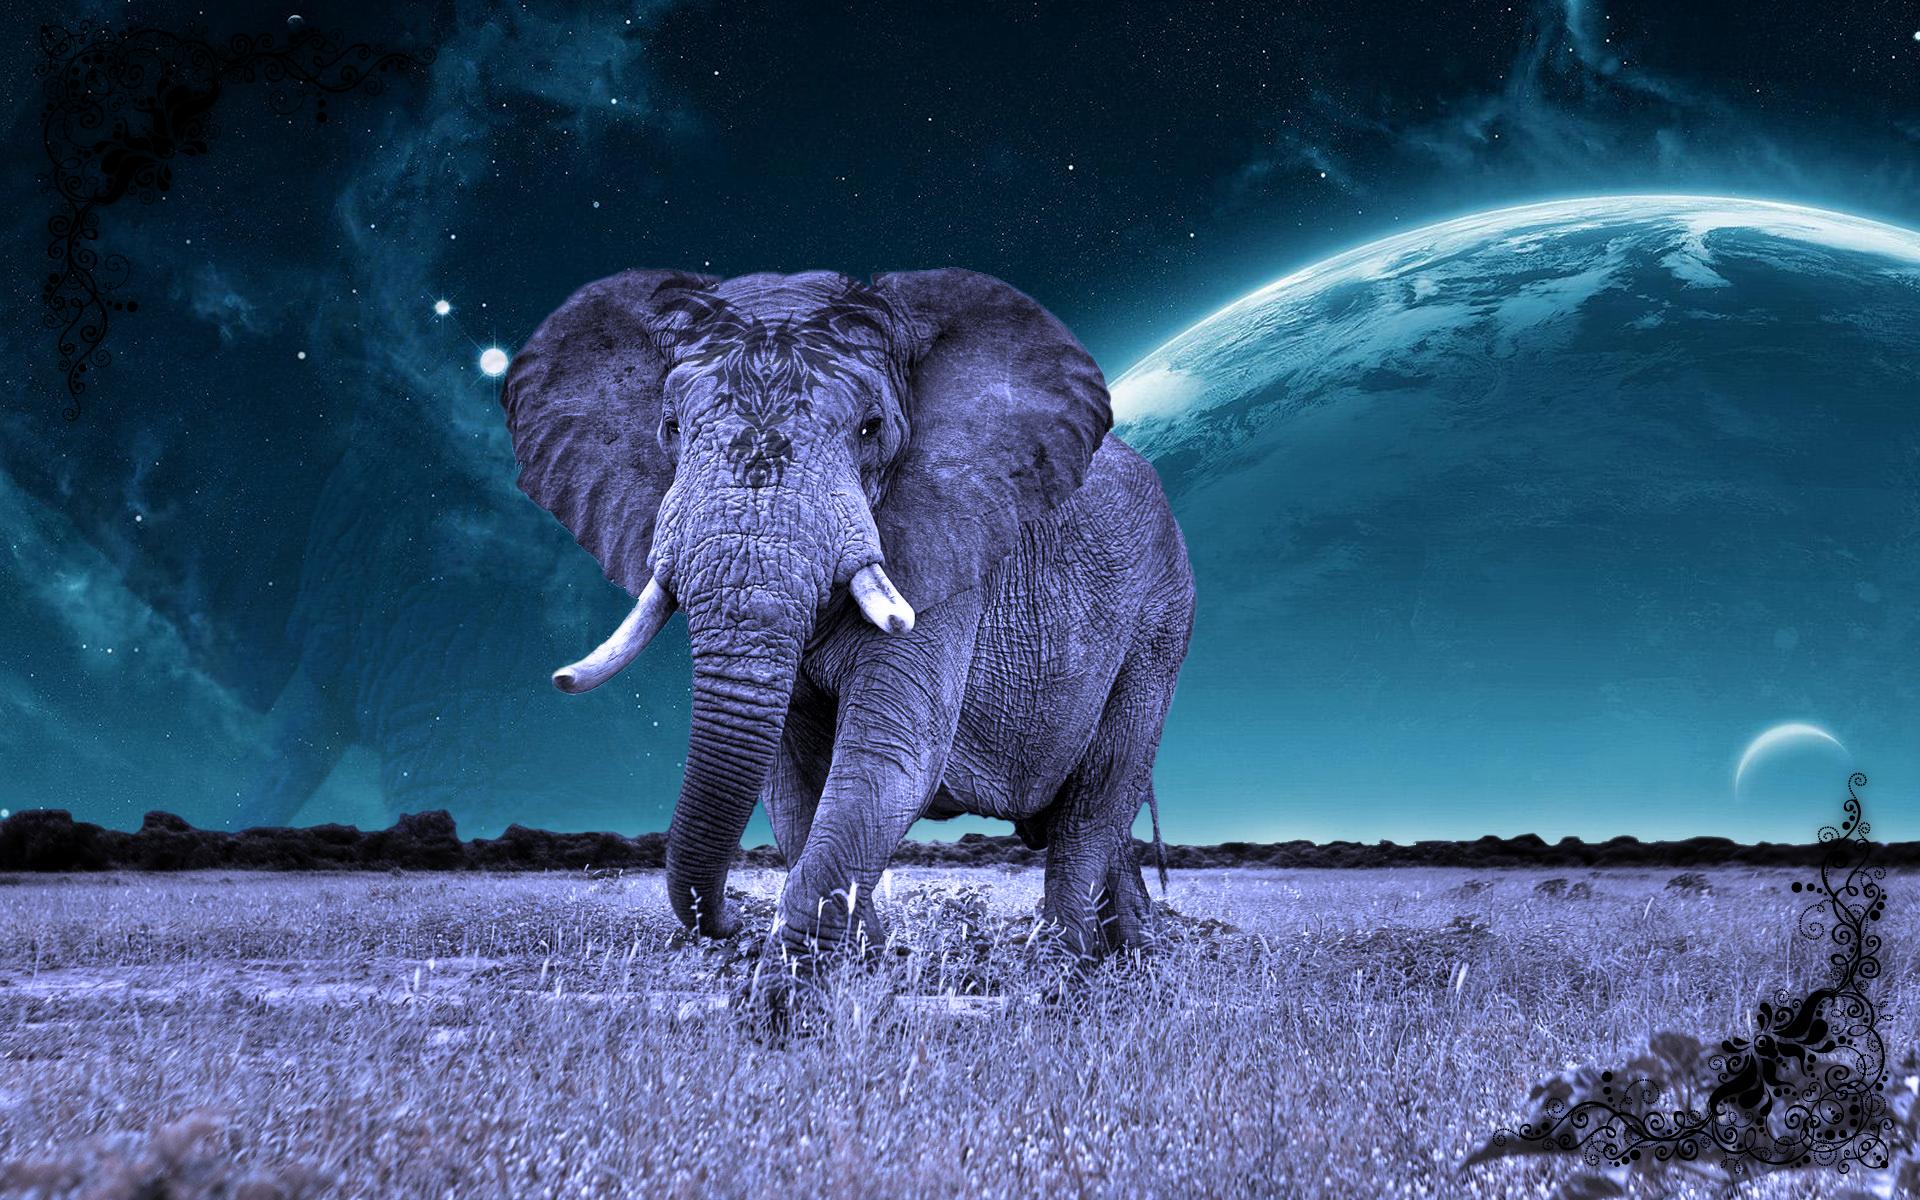 Cosmic Elefant